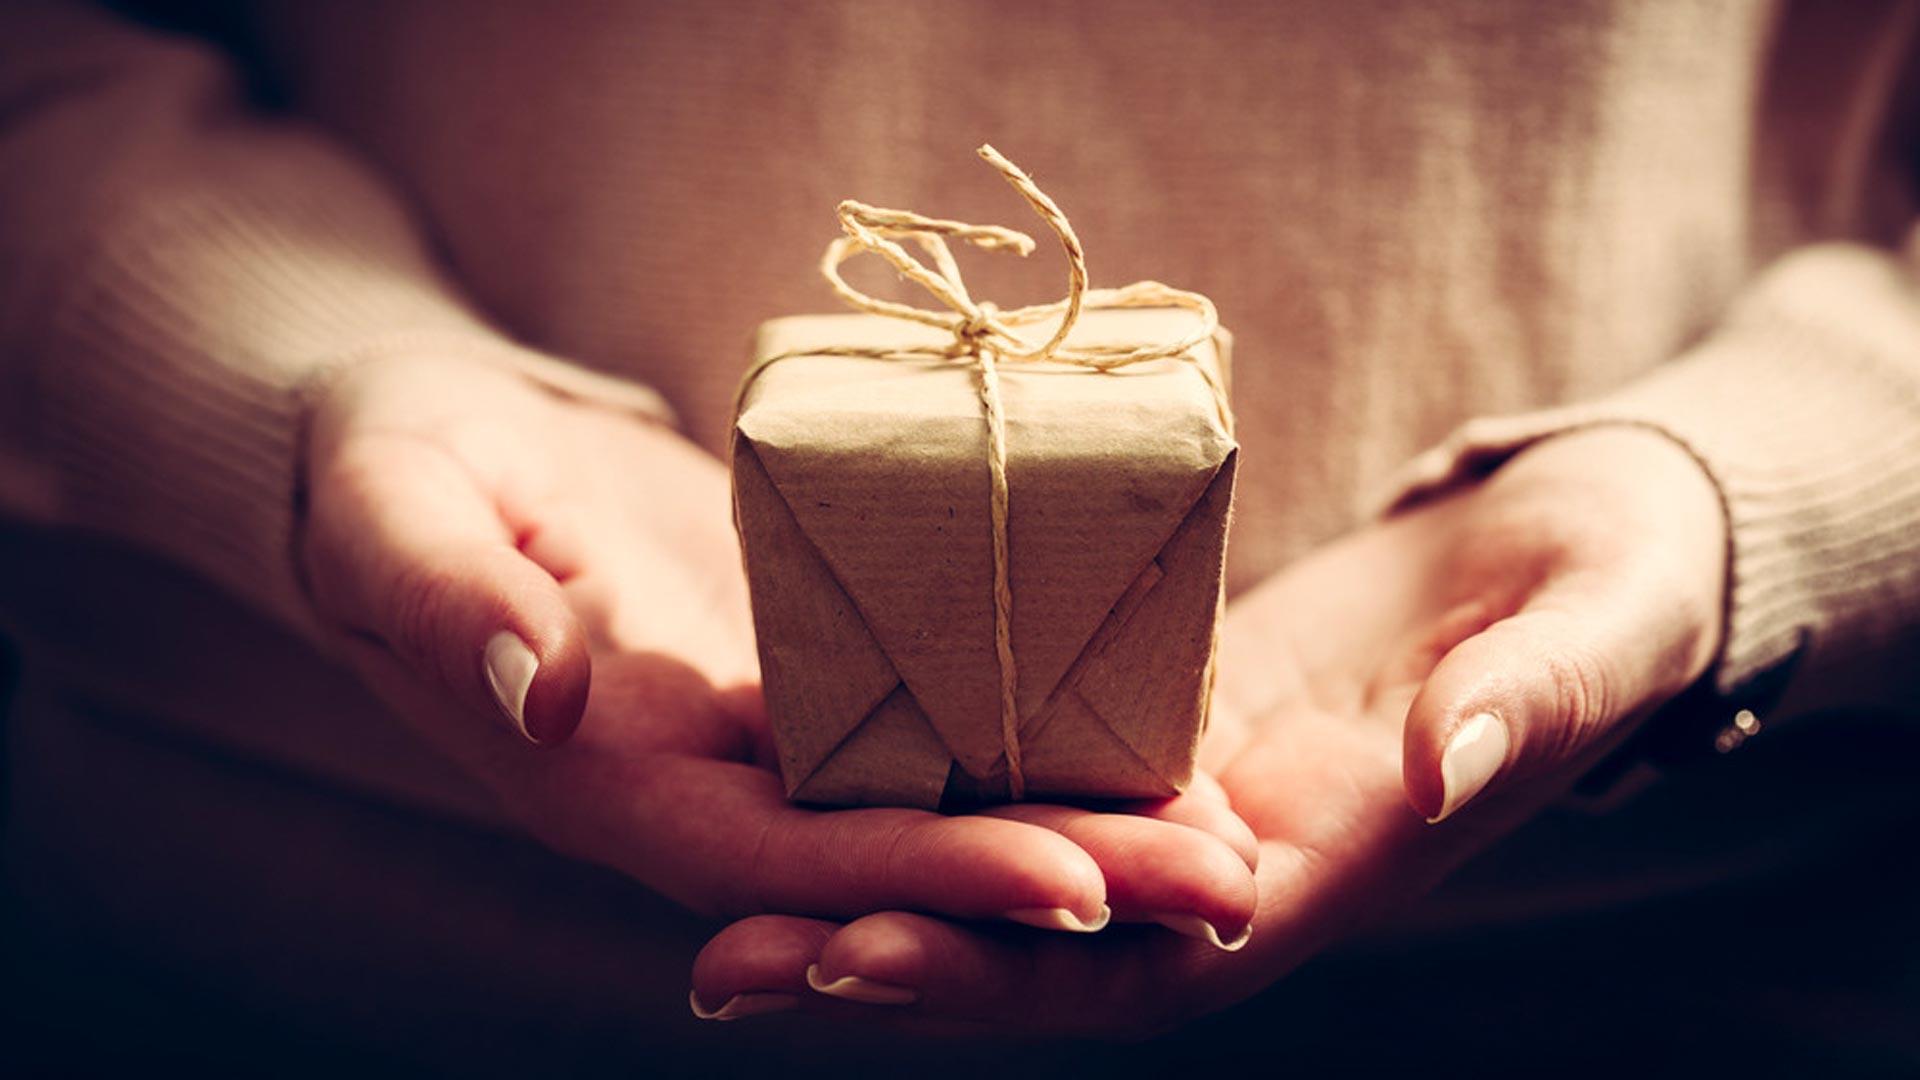 6-astuces-faire-revenir-client-commerce-local-covid-19-remercier-offres-speciales